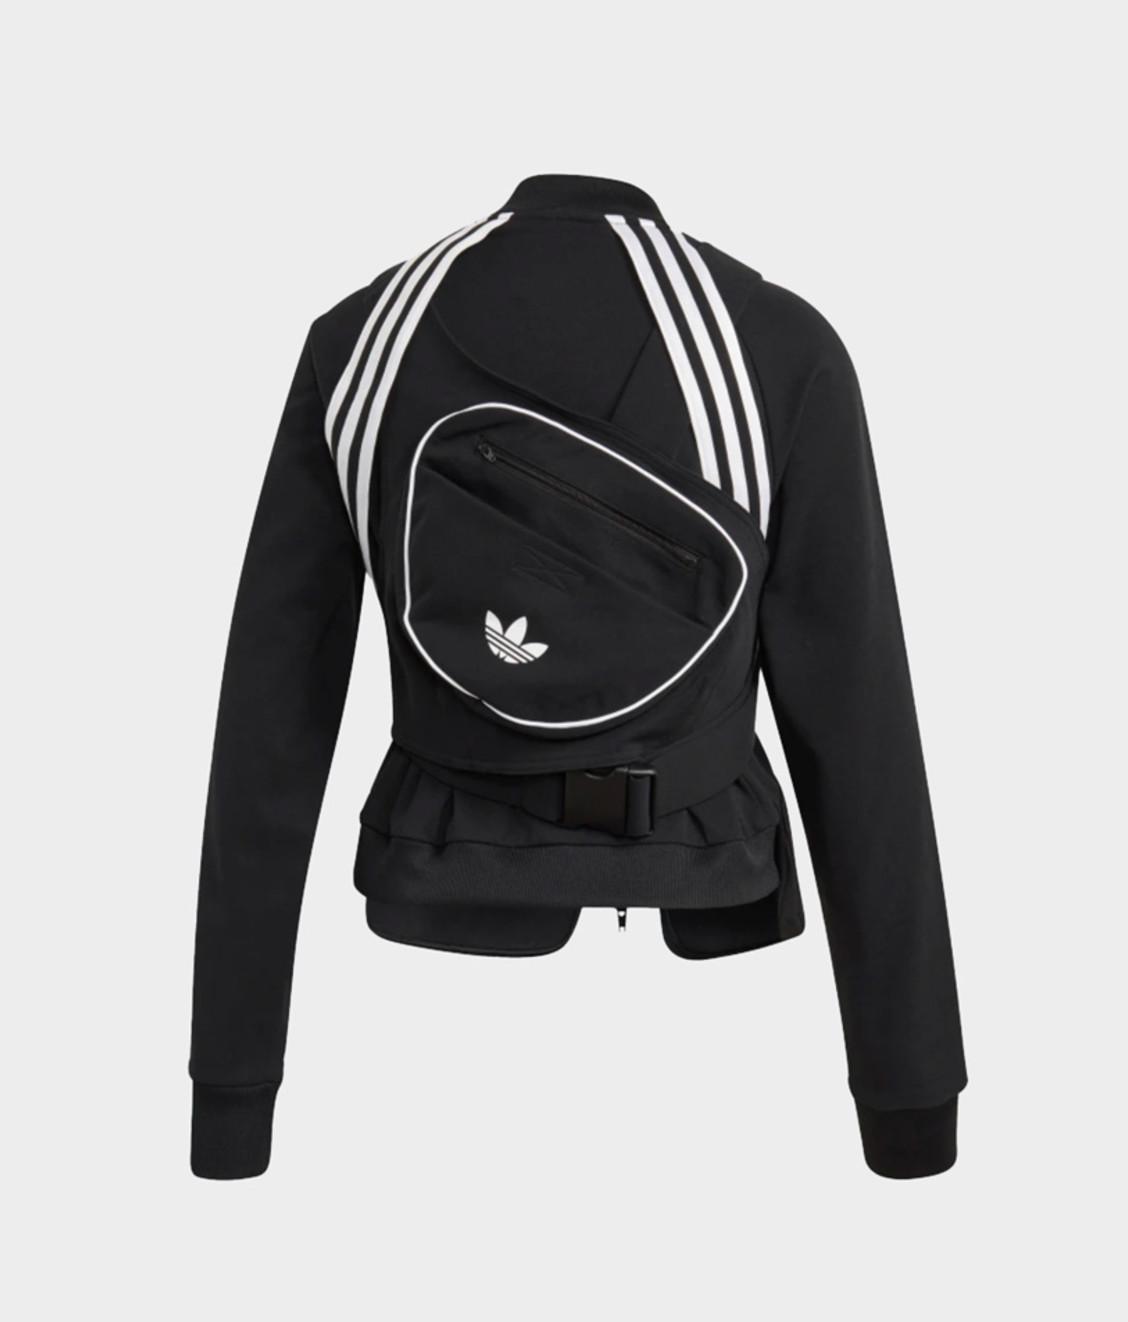 Adidas Adidas Superstar TT Black